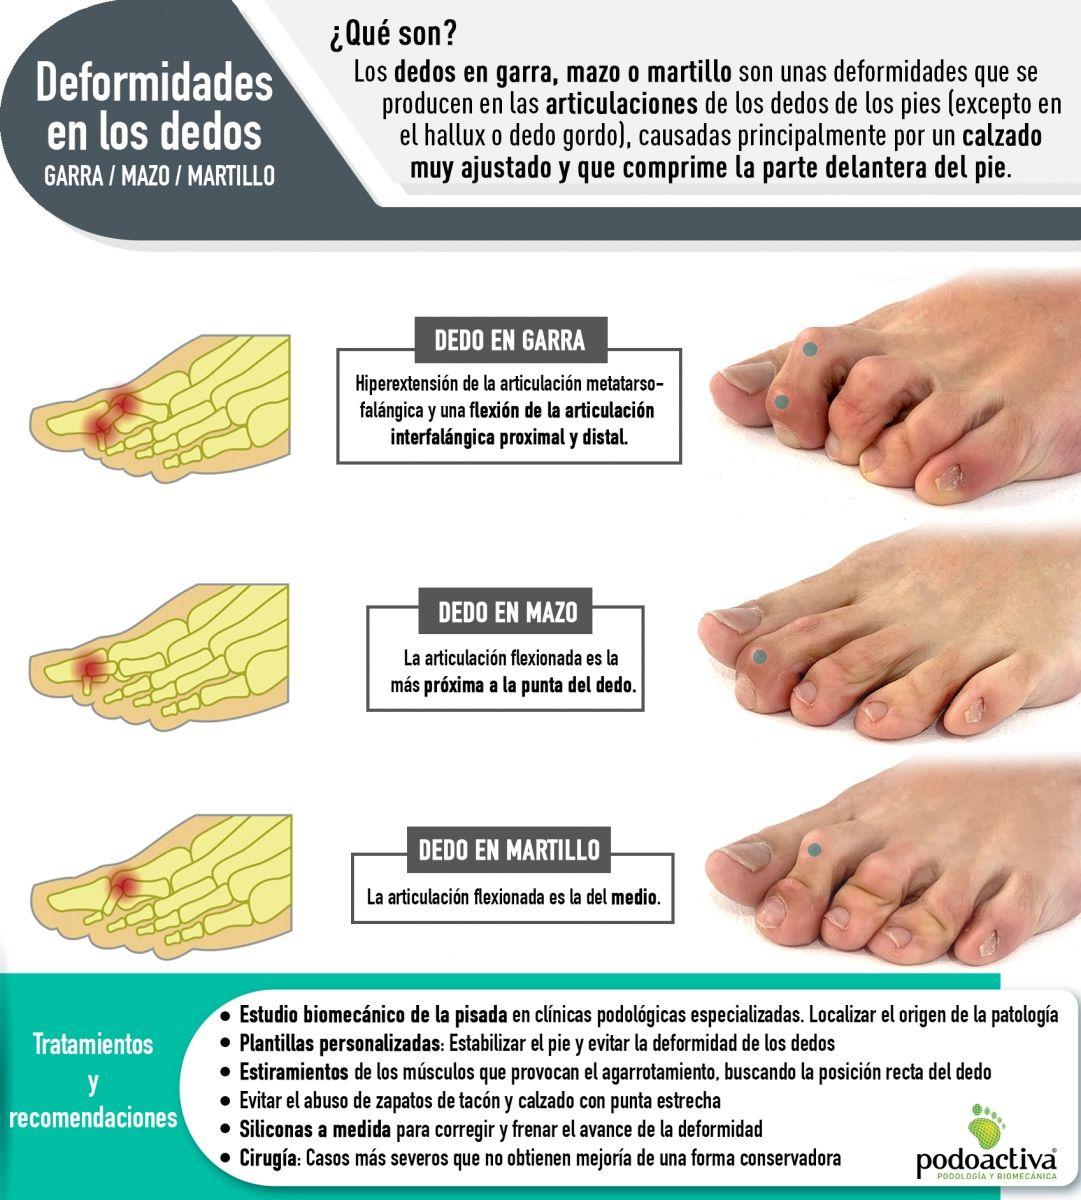 Dedos En Garra Mazo Y Martillo Qué Son Causas Y Tratamientos De Estas Deformidades De En 2020 Remedios Para El Dolor De Rodilla Remedios Para Juanetes Dedos Del Pie